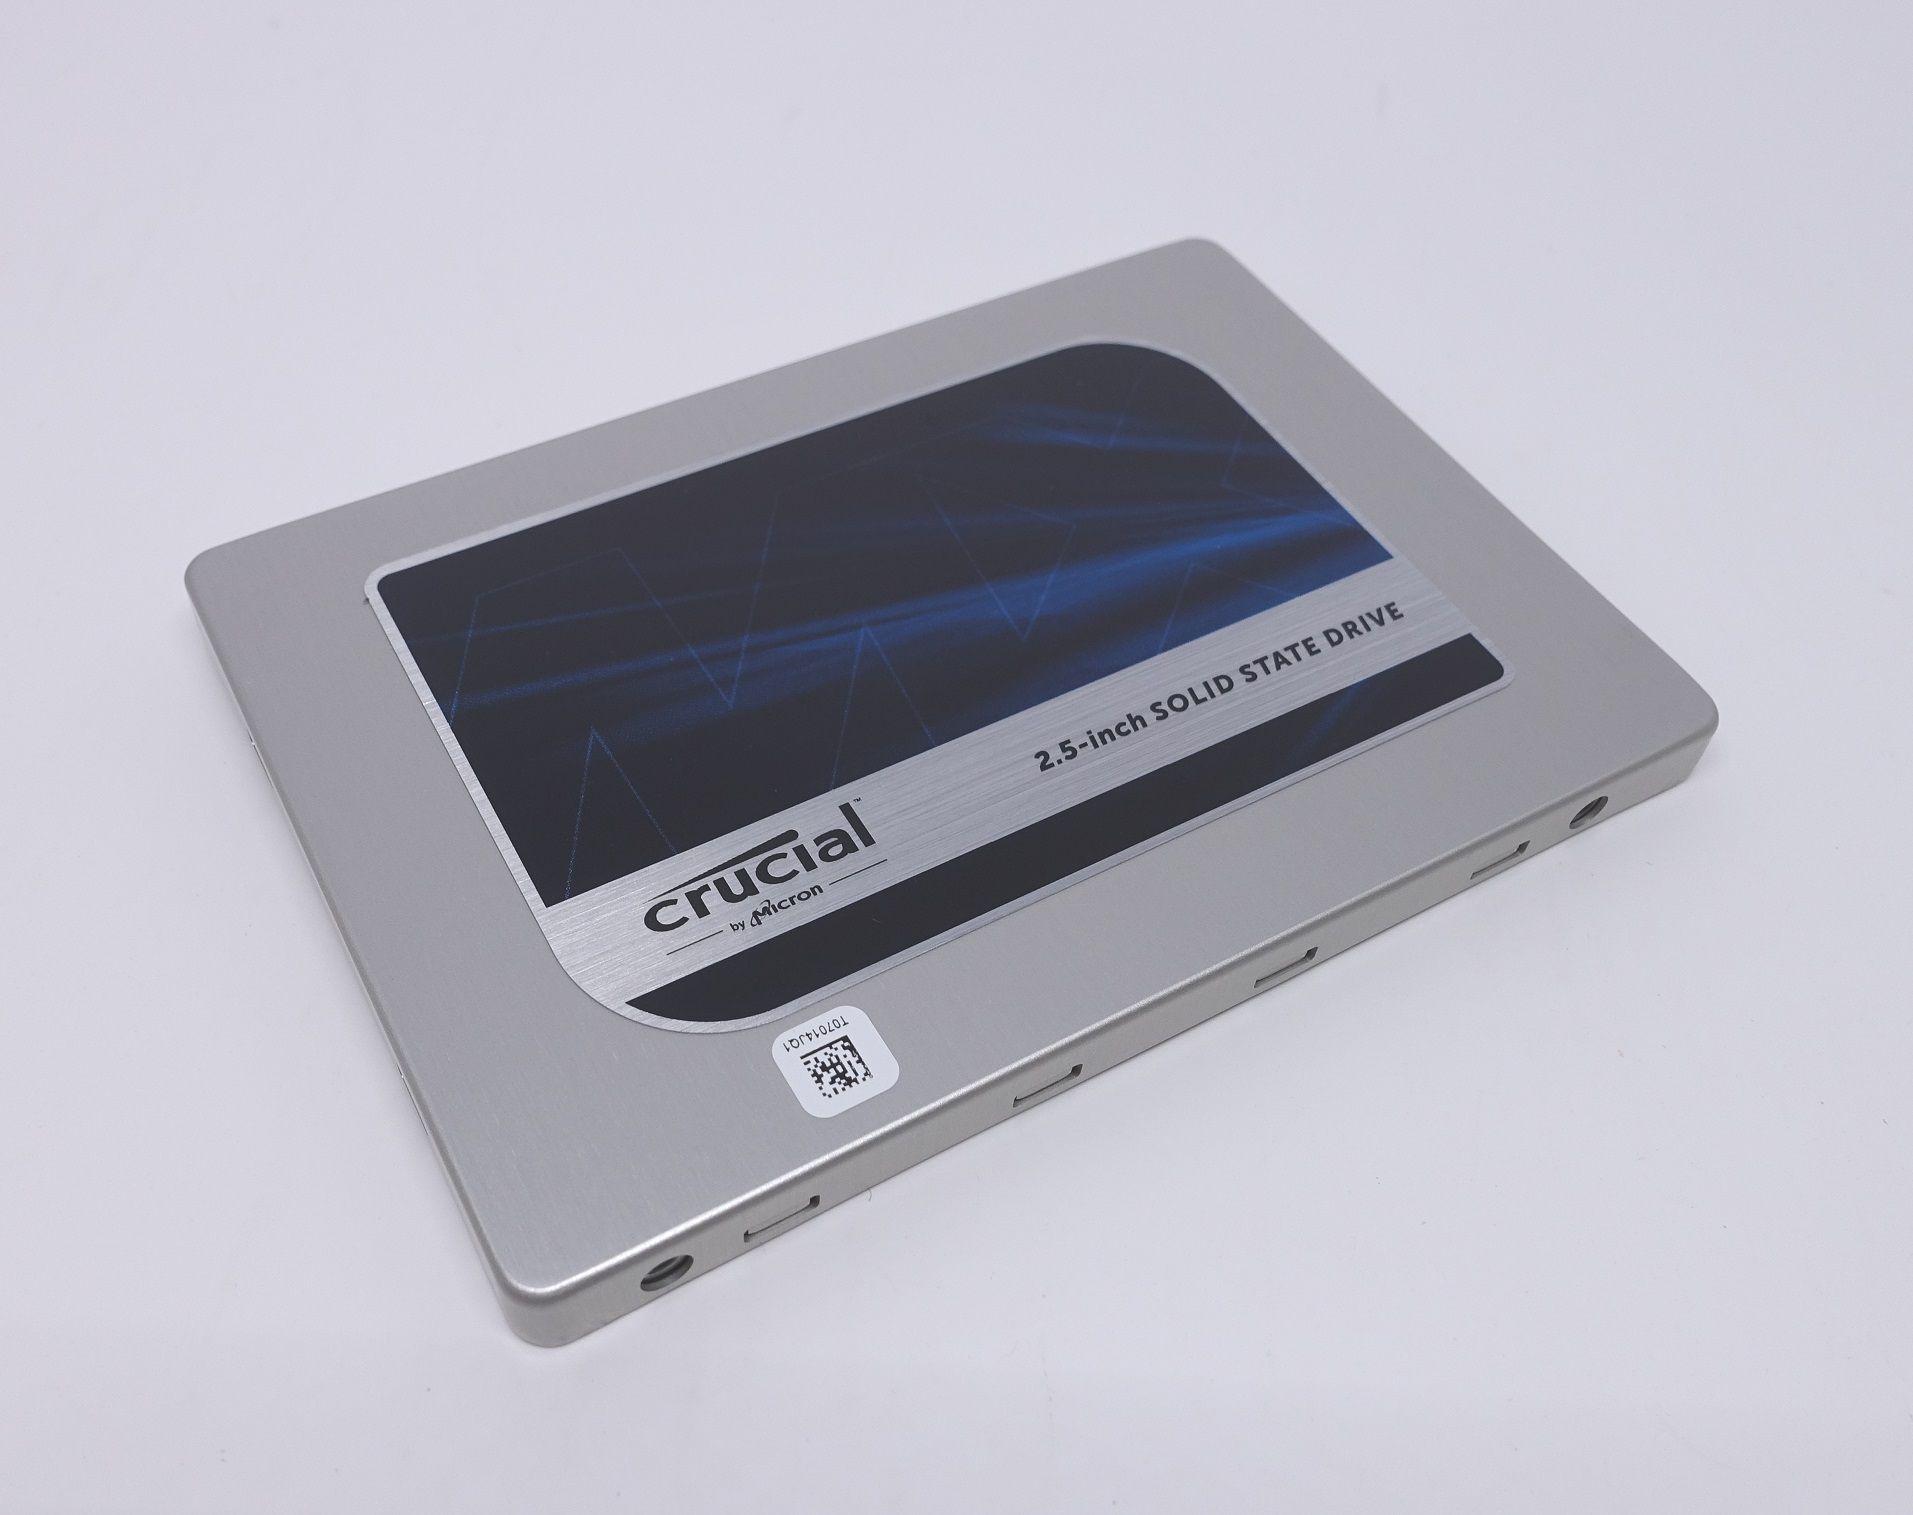 CrucialMX200-5